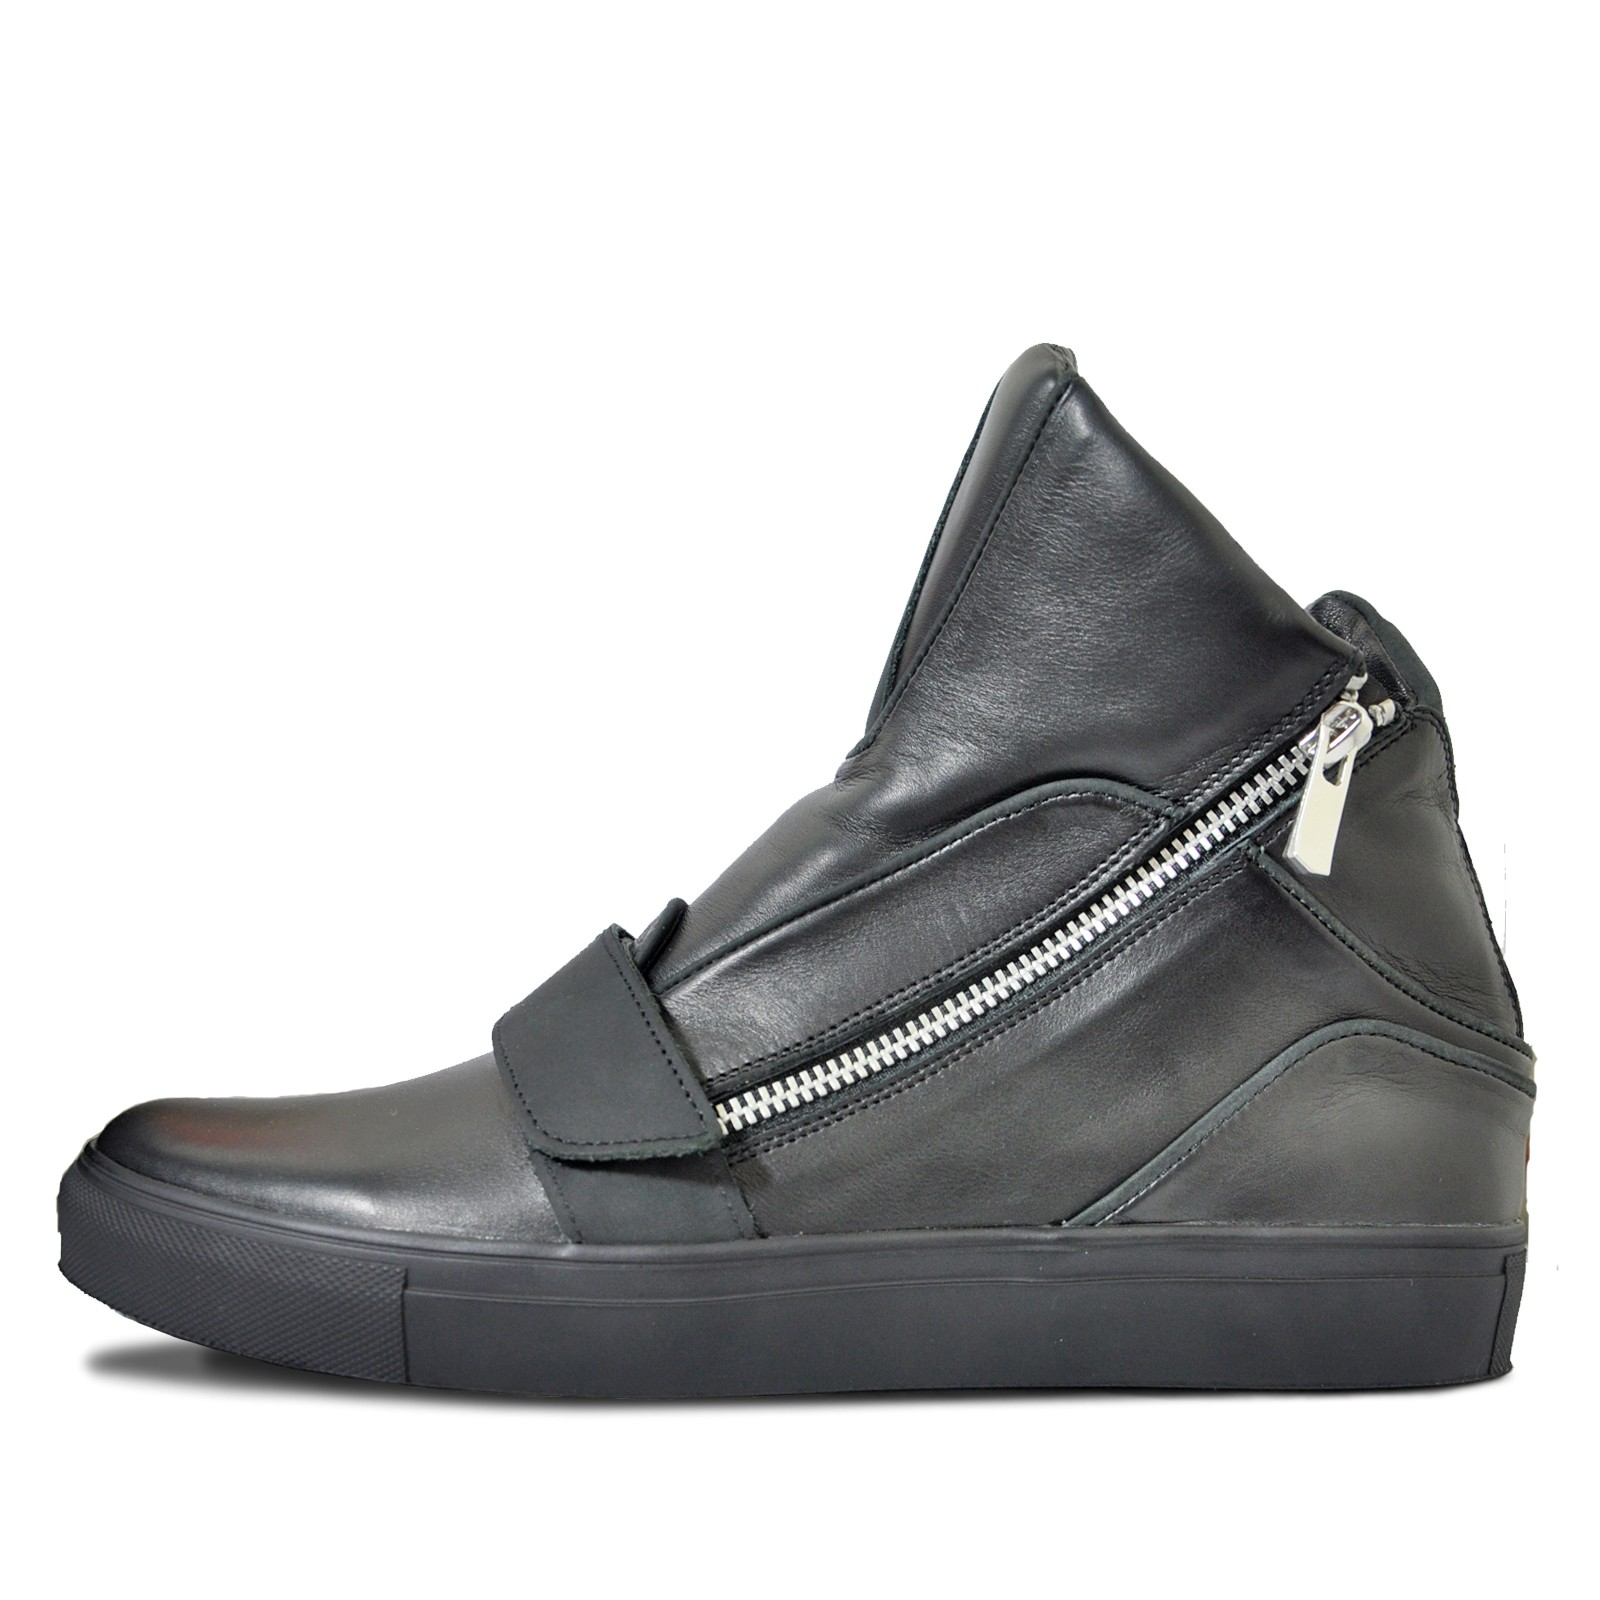 Men's high-top sneakers with zipper